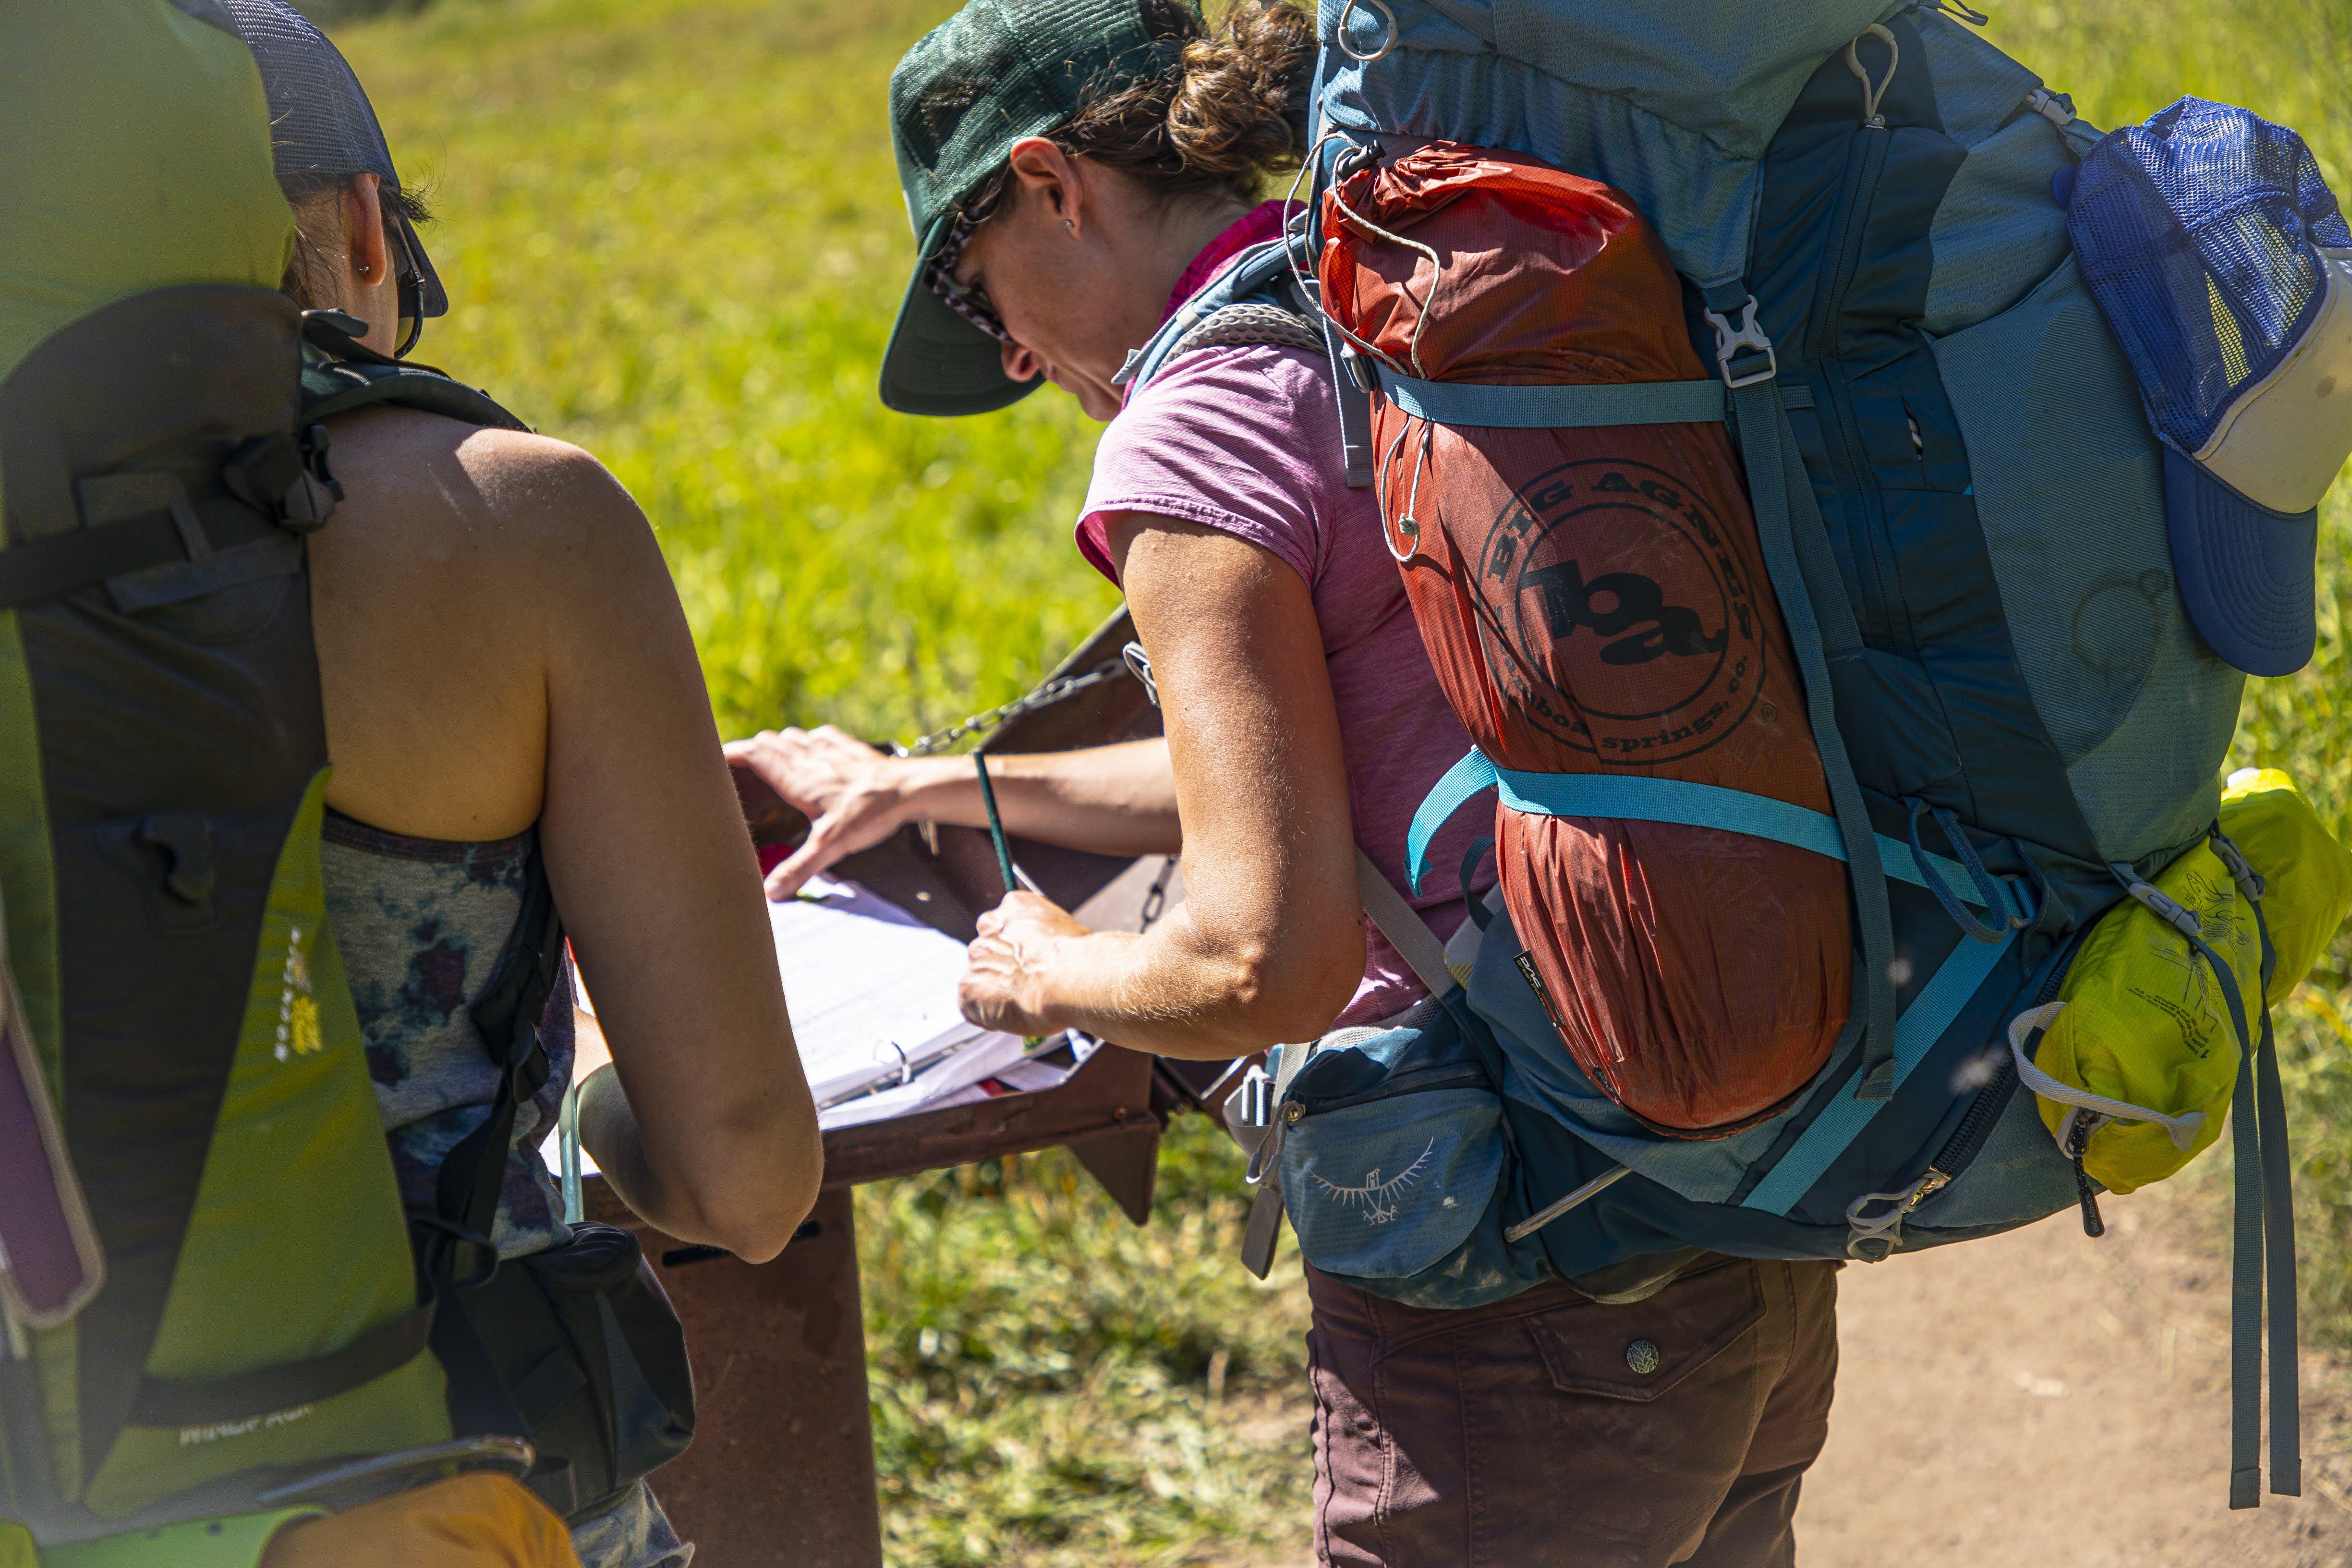 Eine Frau trägt einen Rucksack. Sie studiert eine Wanderkarte. In der Seitentasche des Rucksacks befindet sich ein verpacktes Big Agnes Zelt